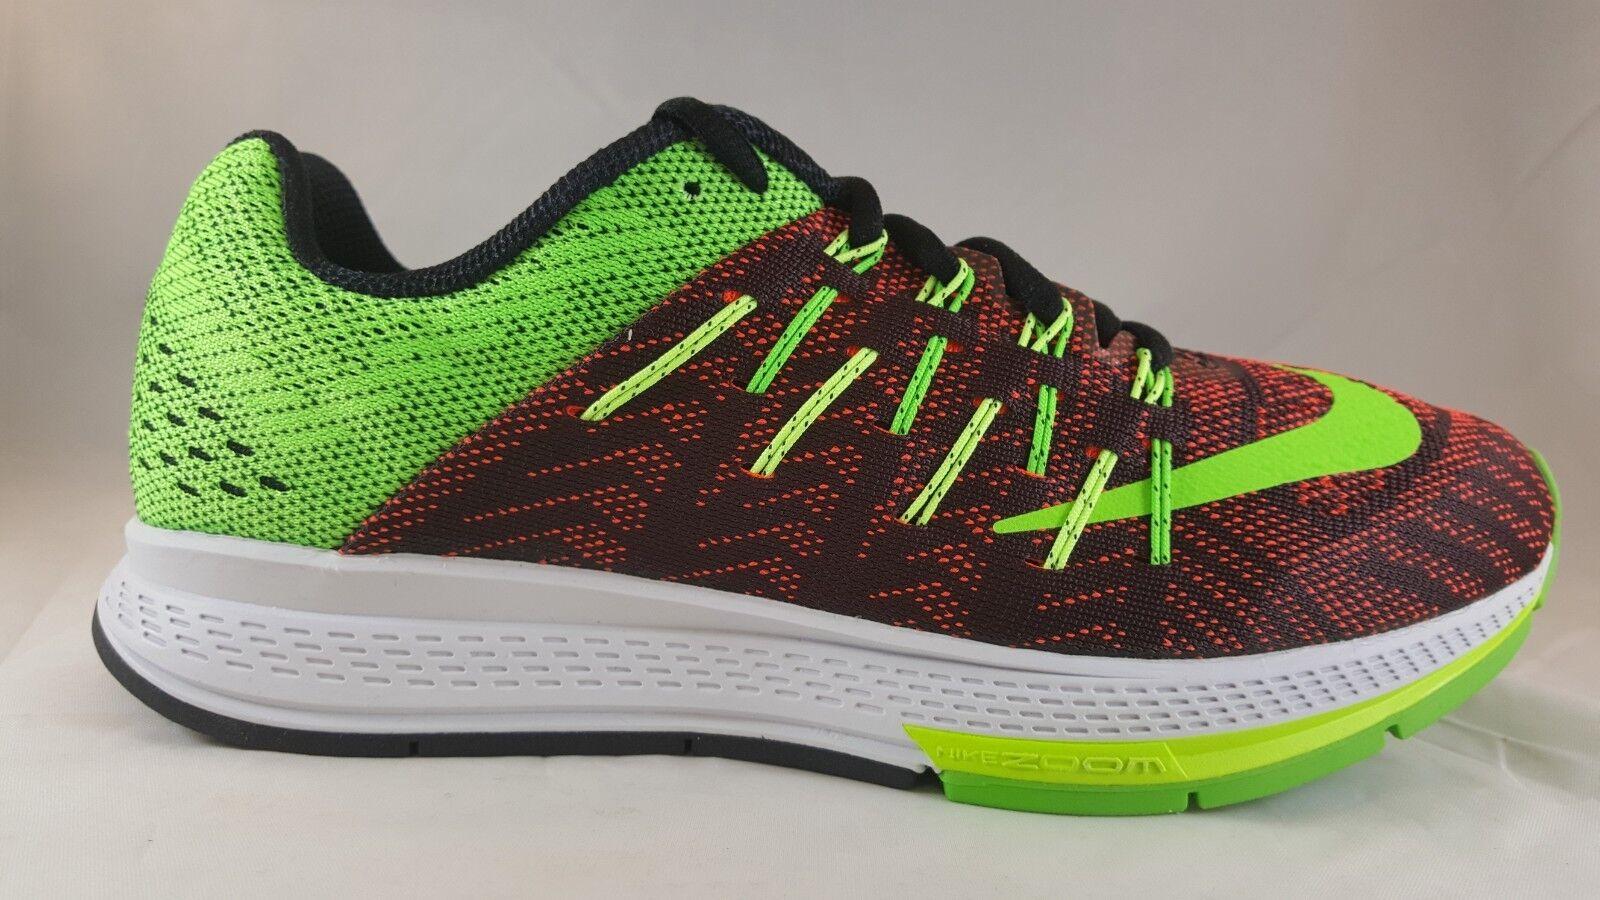 Nike Air Zoom Elite 8 hombres 003 calzado deportivo cómodo 748588 003 hombres 353976